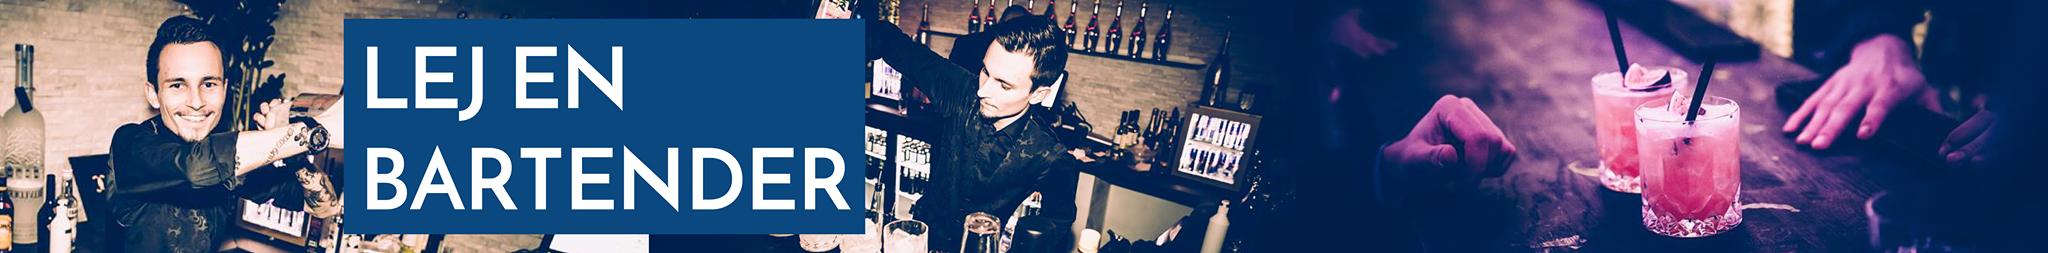 Lej en bartender